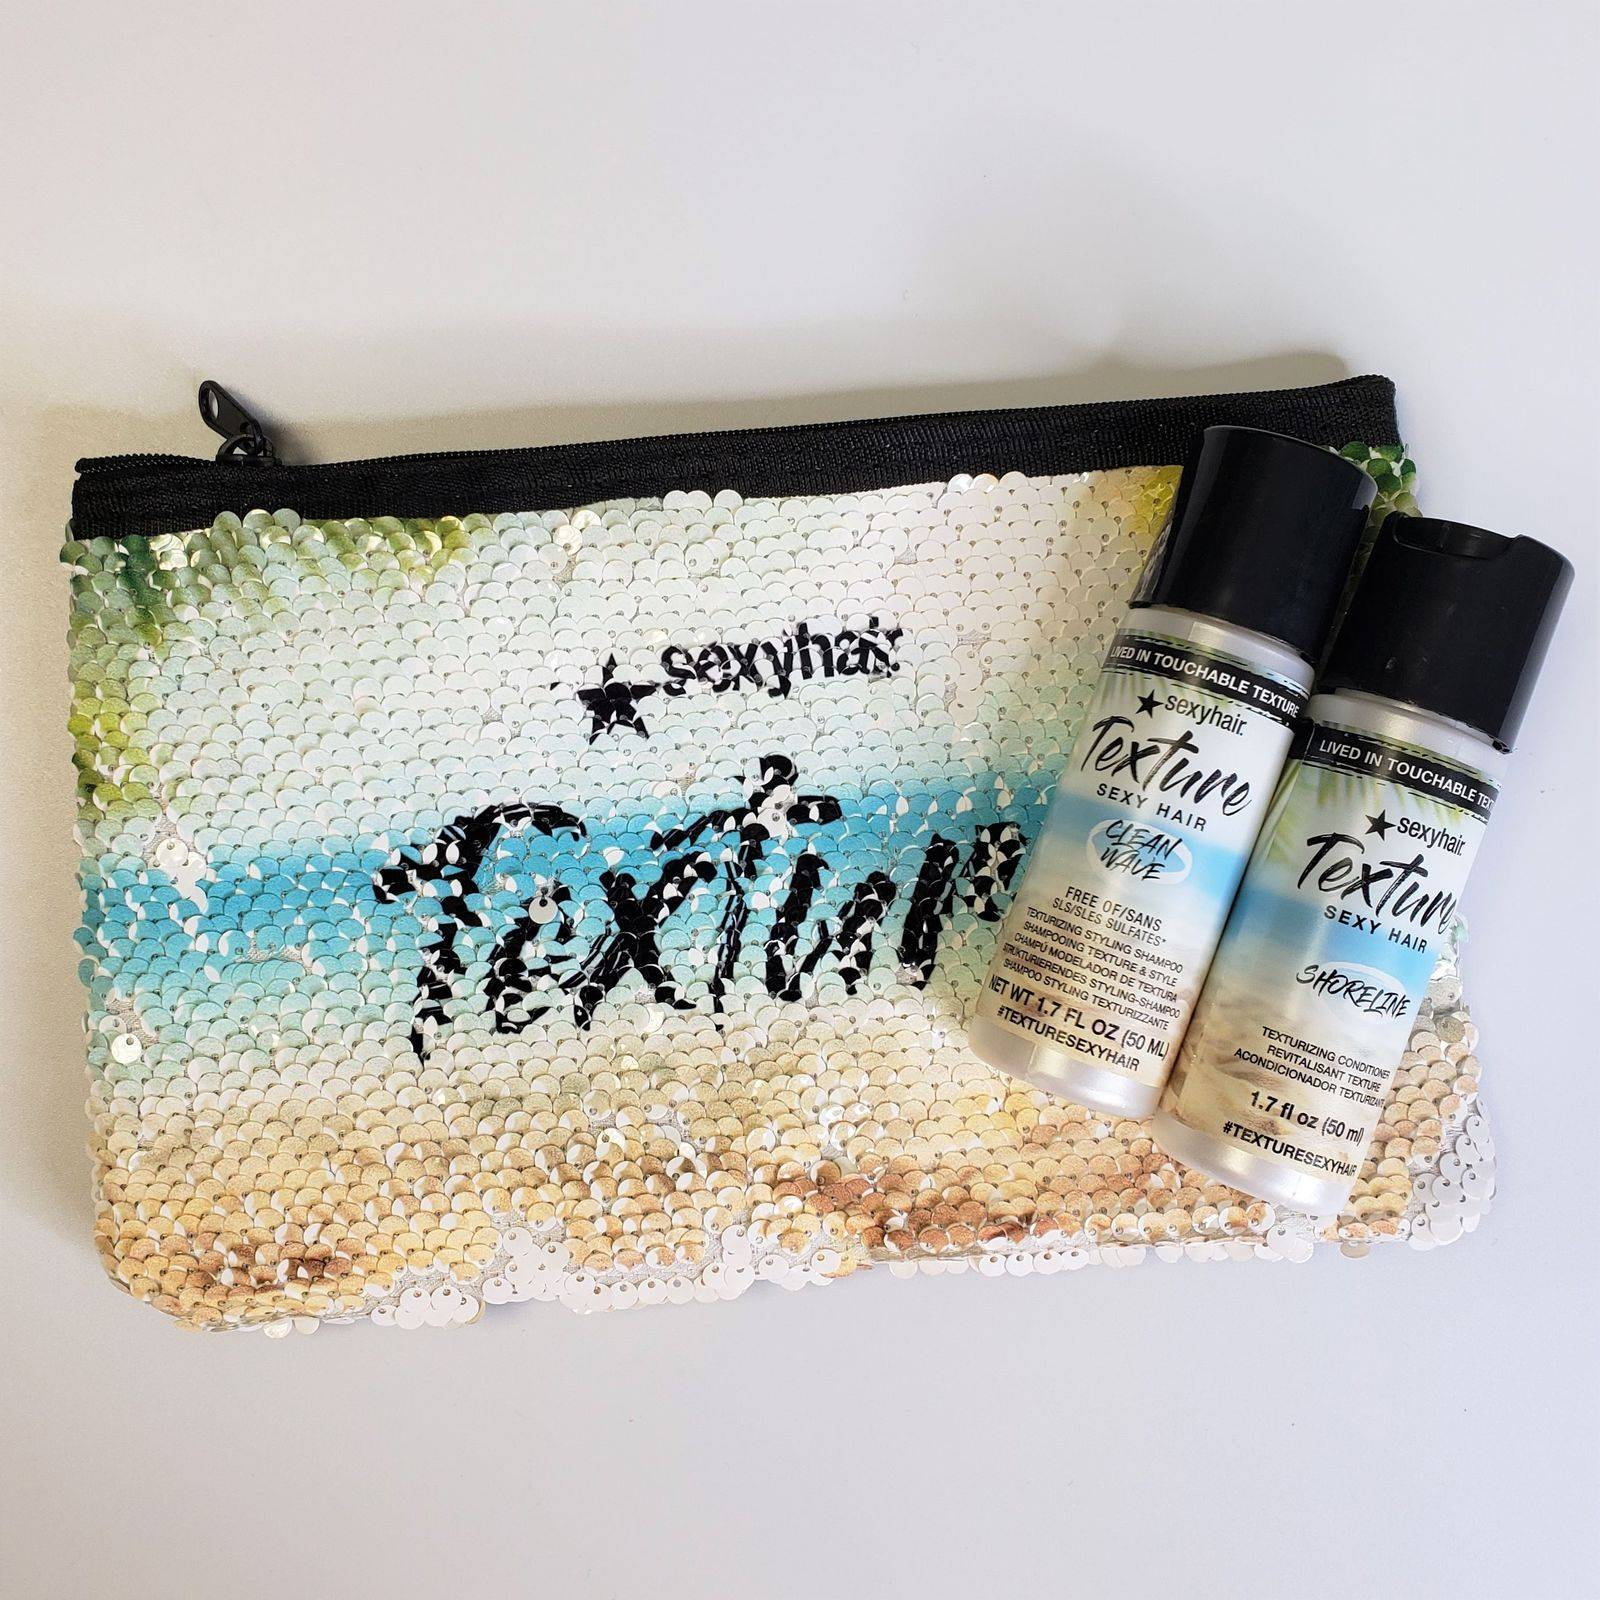 SexyHair Texture Shampoo Conditioner Set